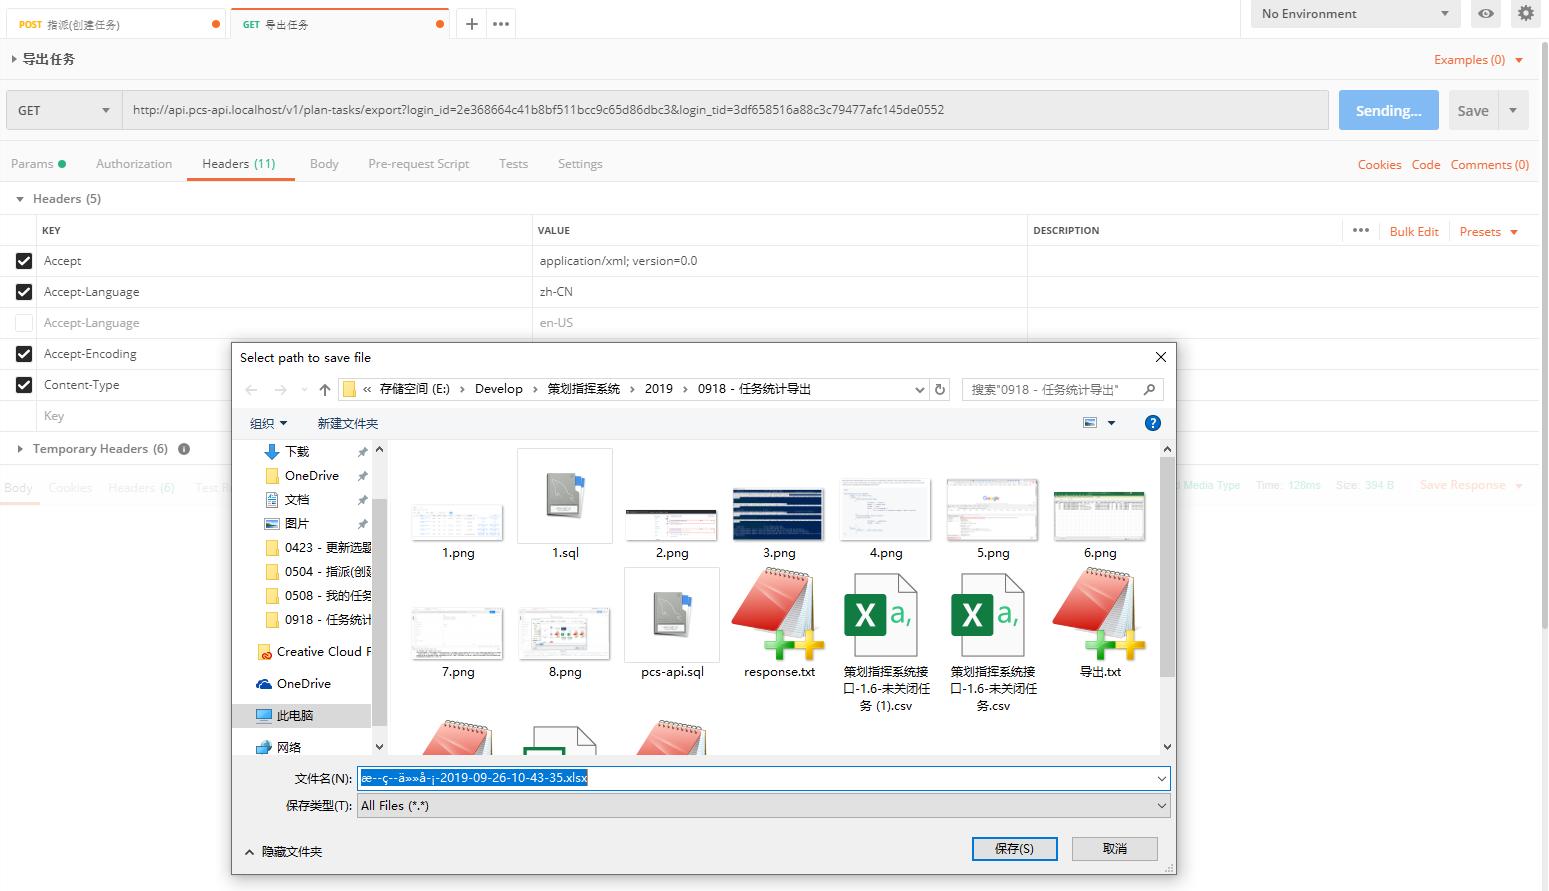 """在 Postman 中设置 Headers , Accept:application/xml; version=0.0,打开网址:http://api.pcs-api.localhost/v1/plan-tasks/export ,点击 """"Send and download"""" 按钮,下载名为:*-2019-09-26-10-44-40.xlsx 的文件,文件名中的中文乱码,但文件中的内容符合预期"""